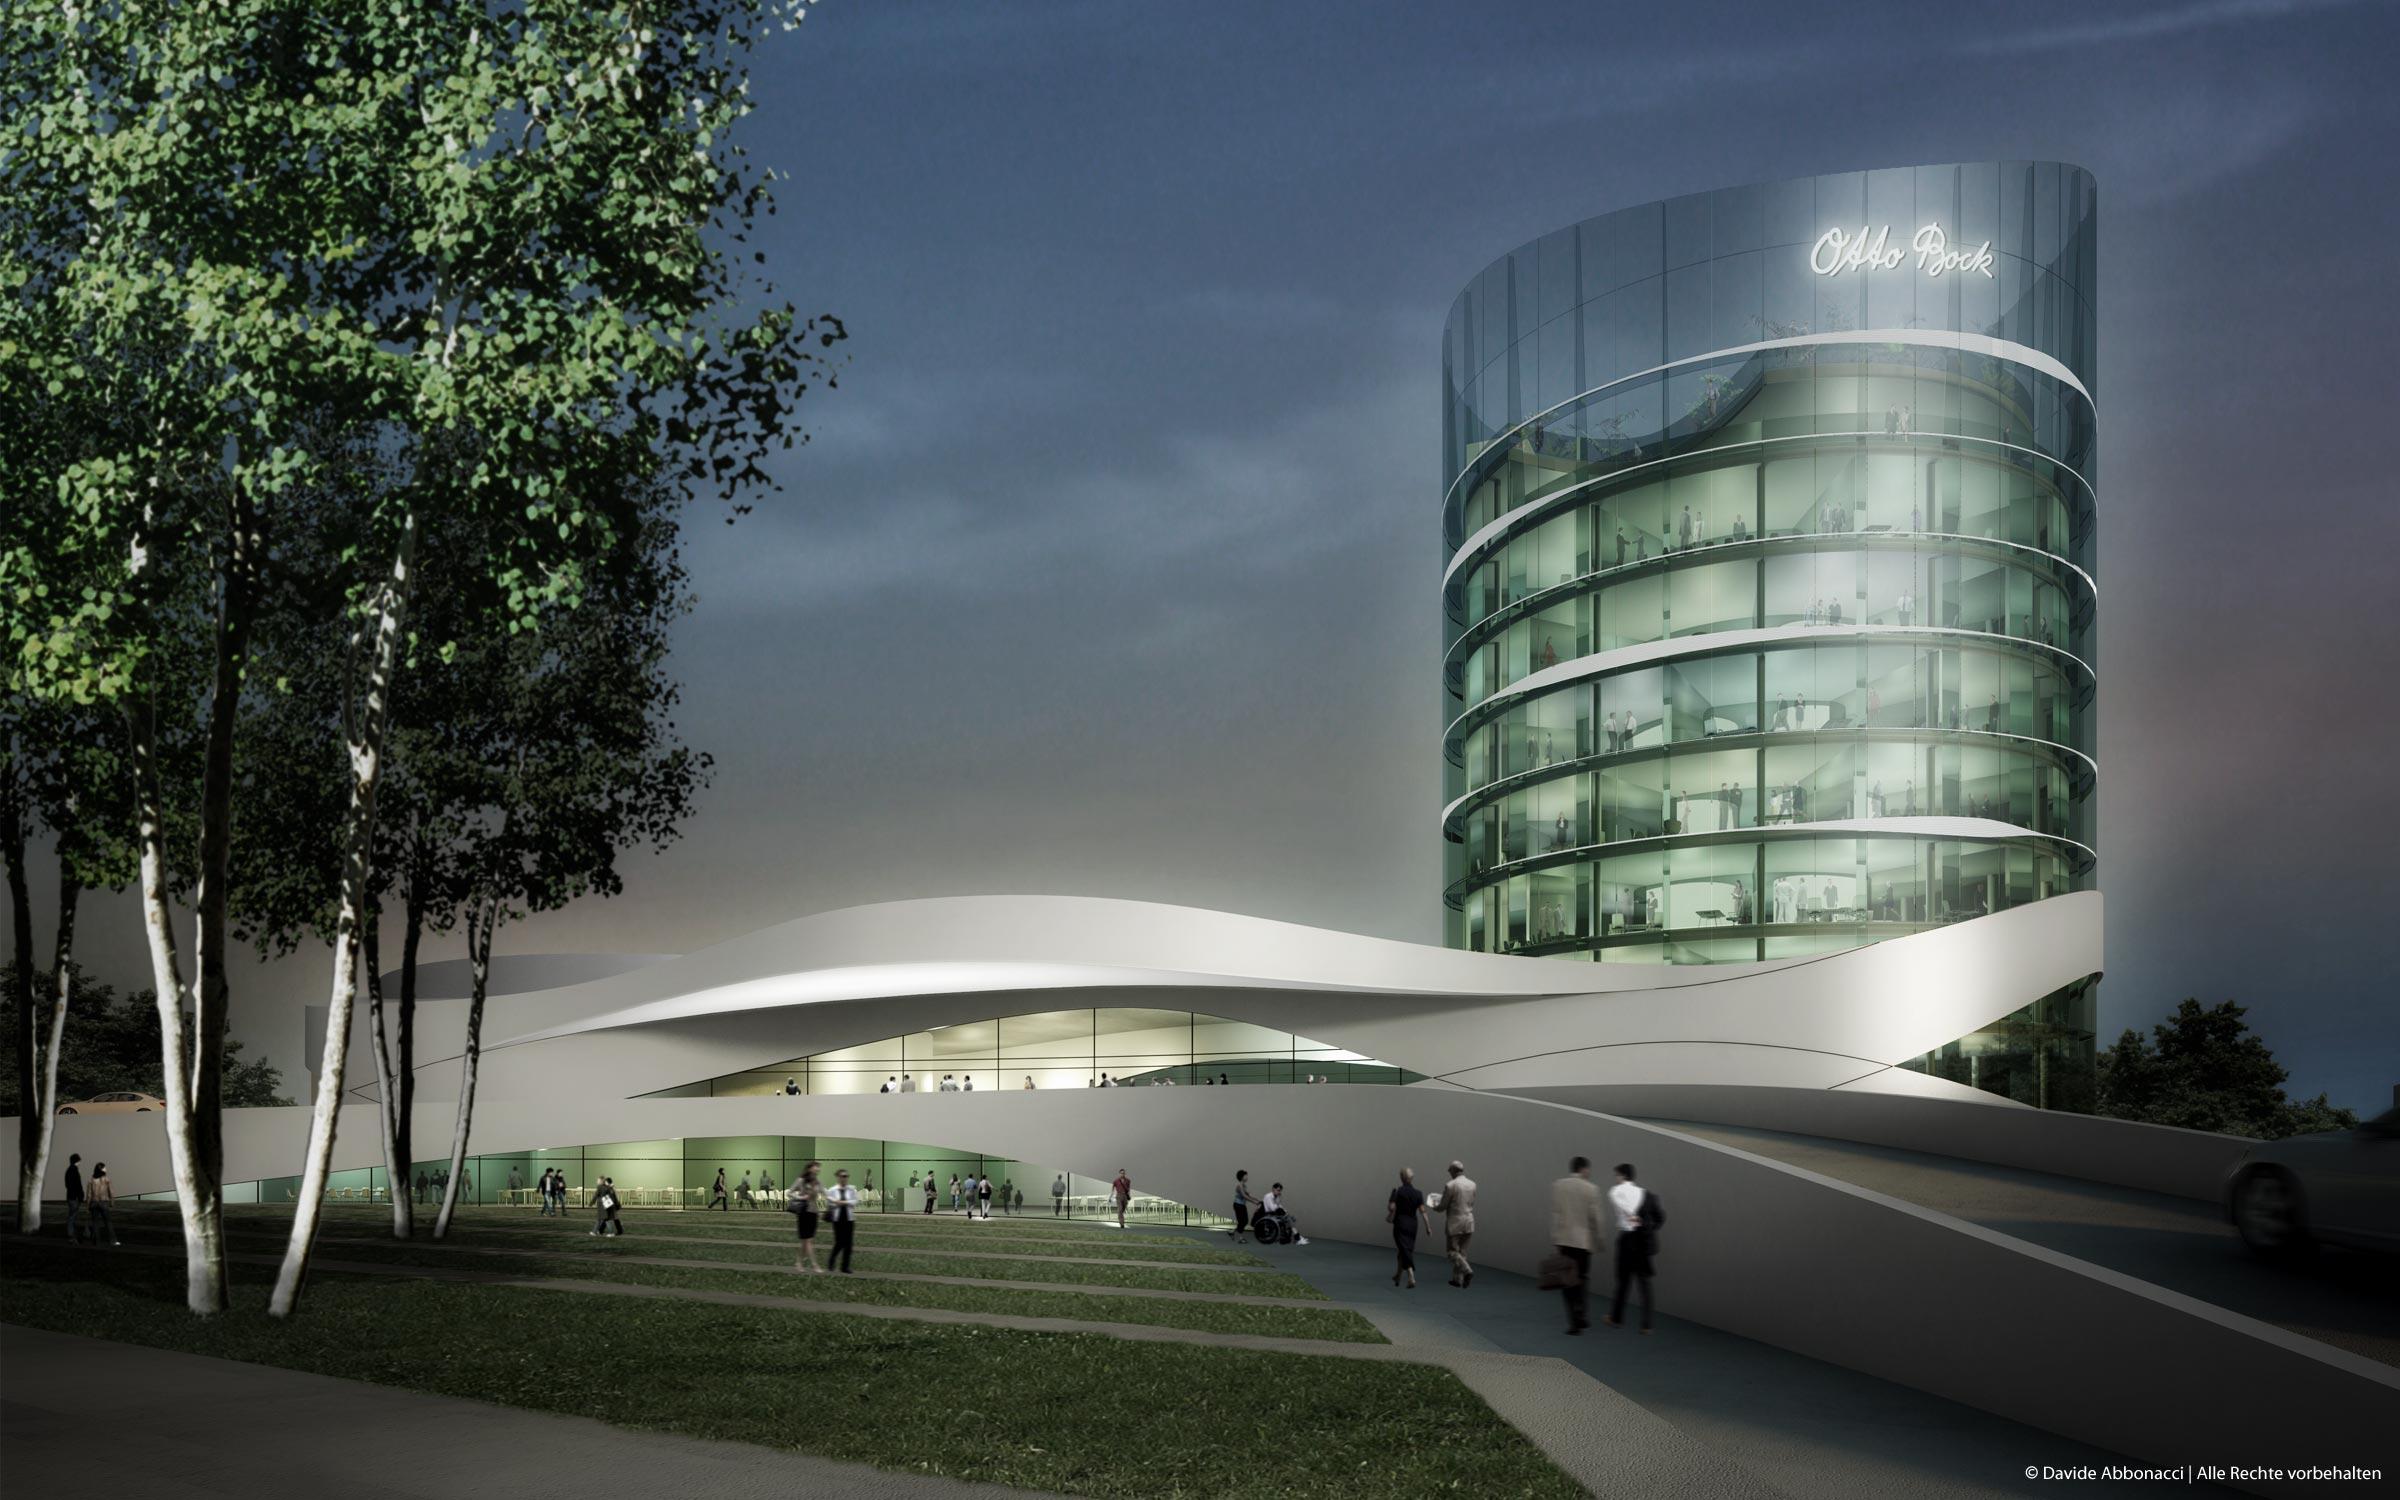 Firmenzentrale Otto Bock, Duderstadt | Gnädinger Architekten | 2009 Wettbewerbsvisualisierung